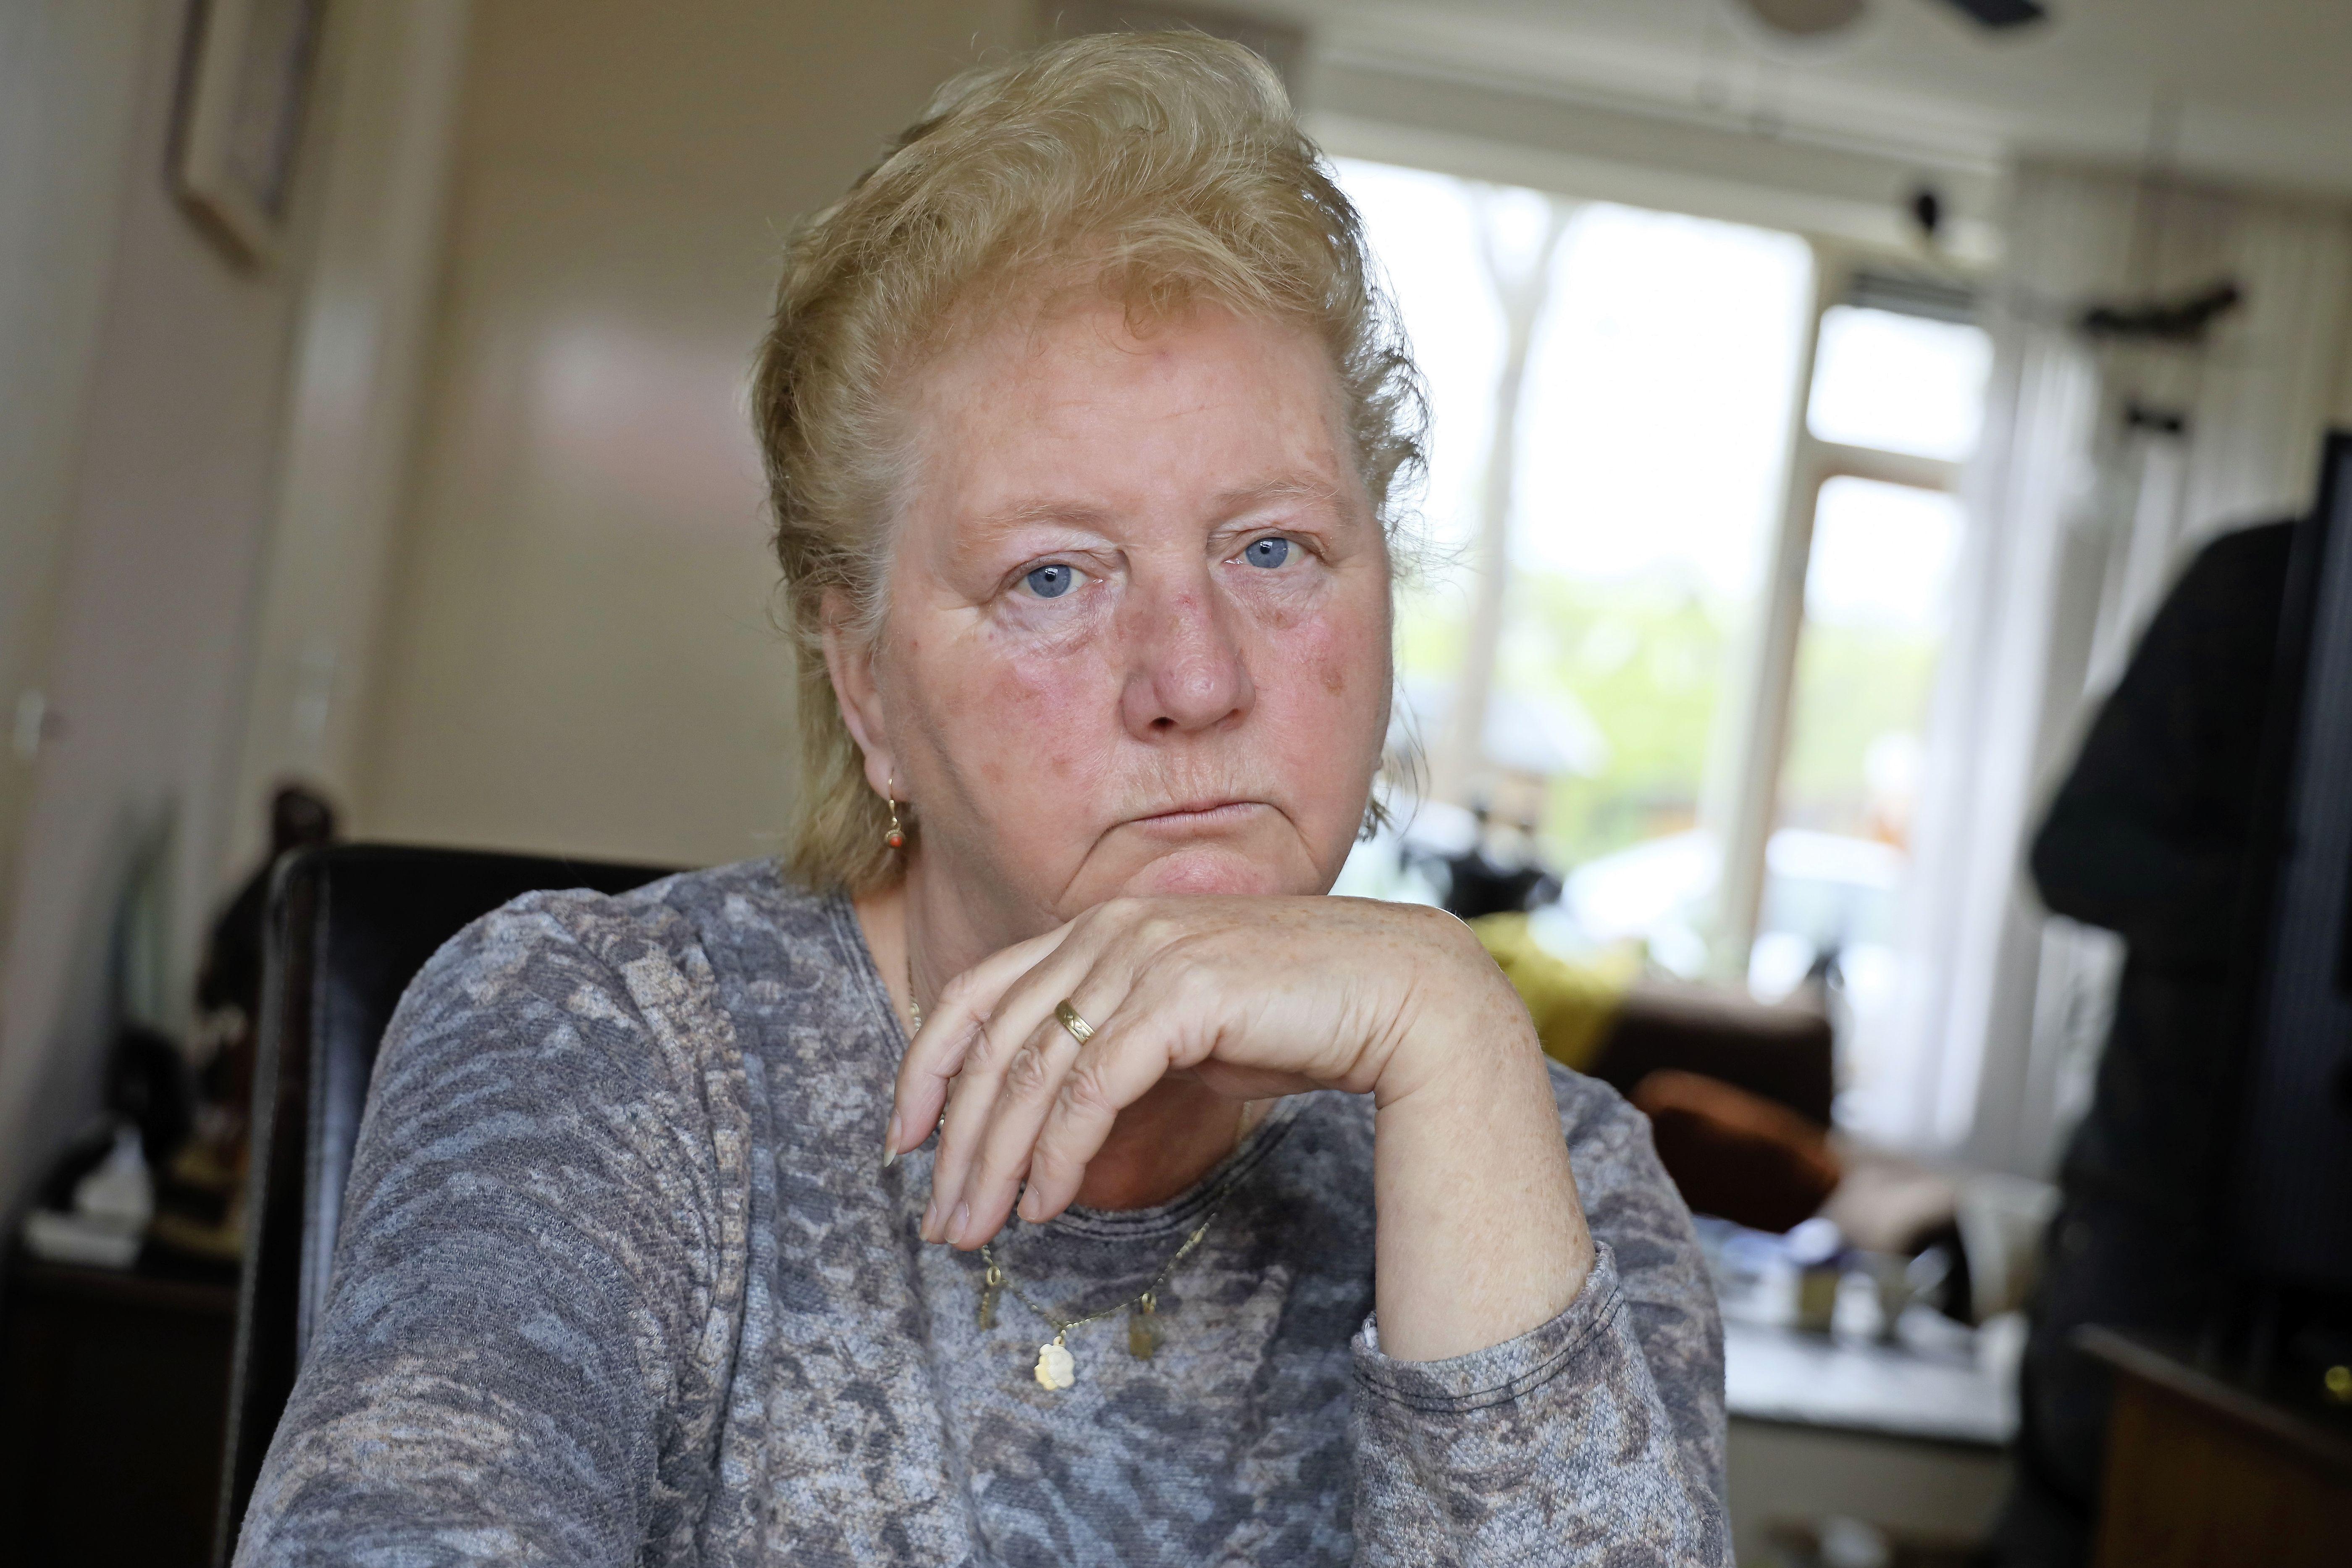 Ontslagen Dekamarkt-medewerkster Jolanda (60) ziet af van rechtsgang. 'Ik heb geen poot om op te staan'